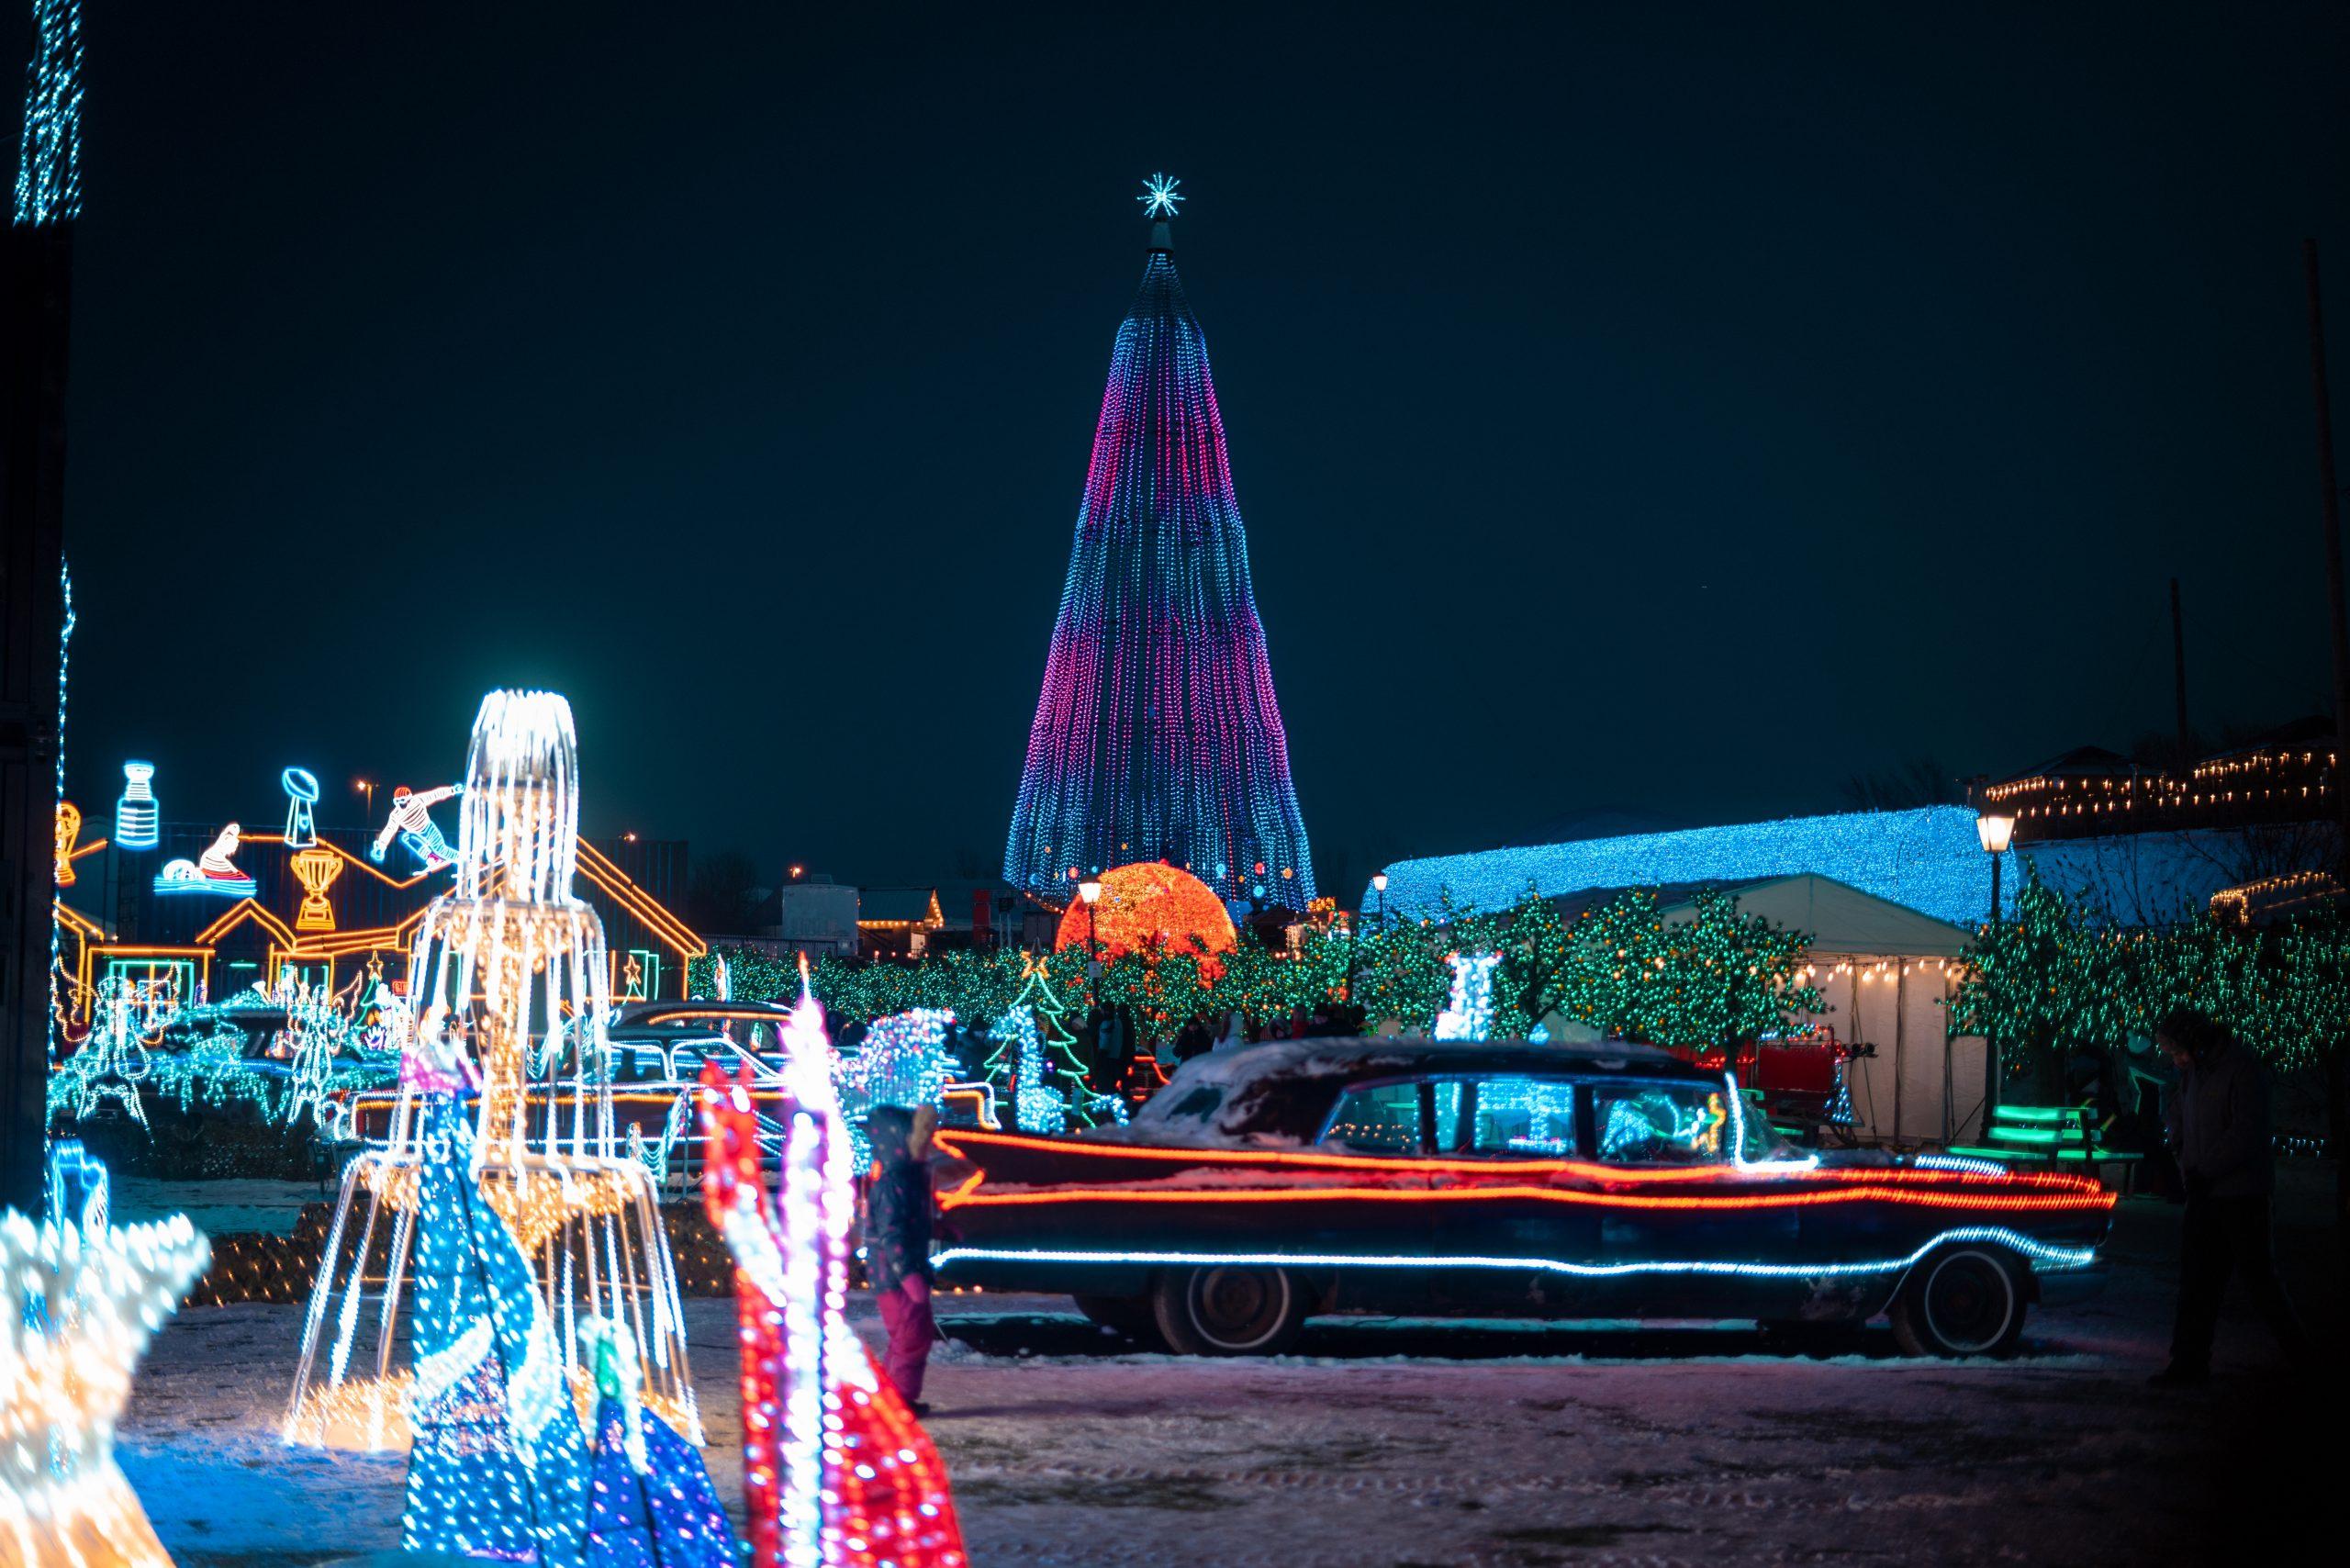 4-illumi-feerie-de-lumieres-en-voiture-illumi-a-drive-through-world-of-lights-scaled